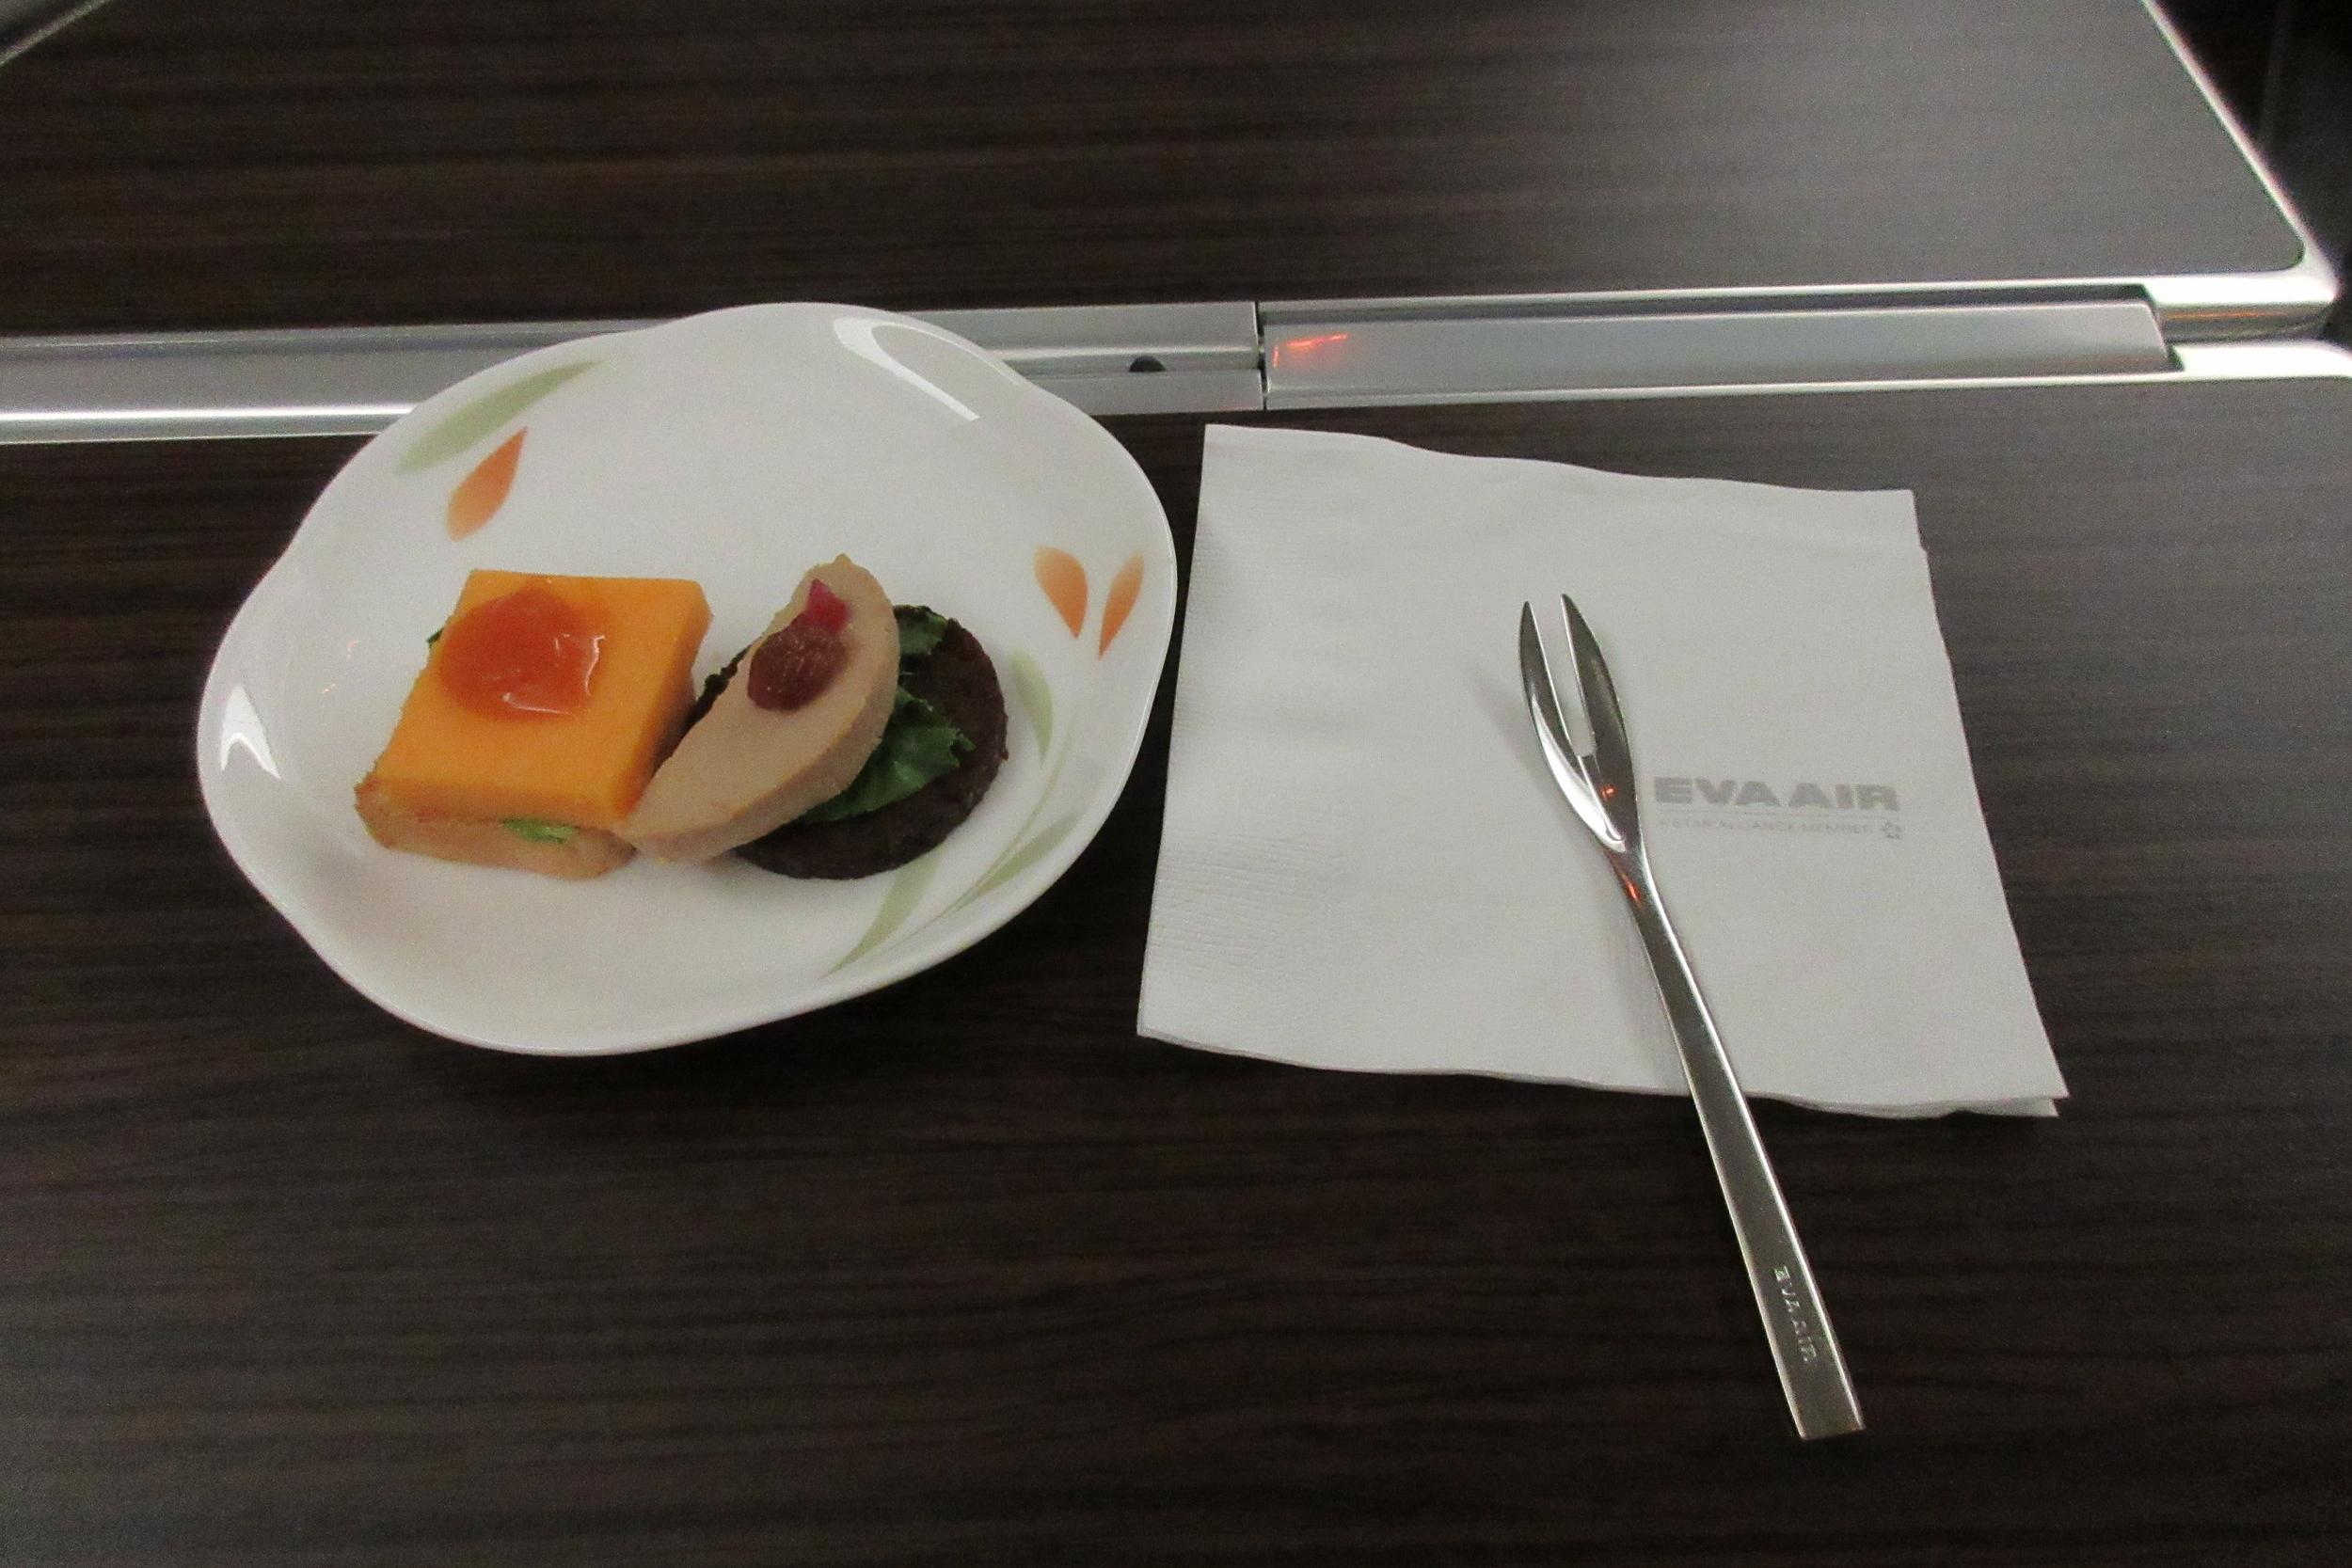 EVA Air business class Toronto to Taipei – Amuse bouche